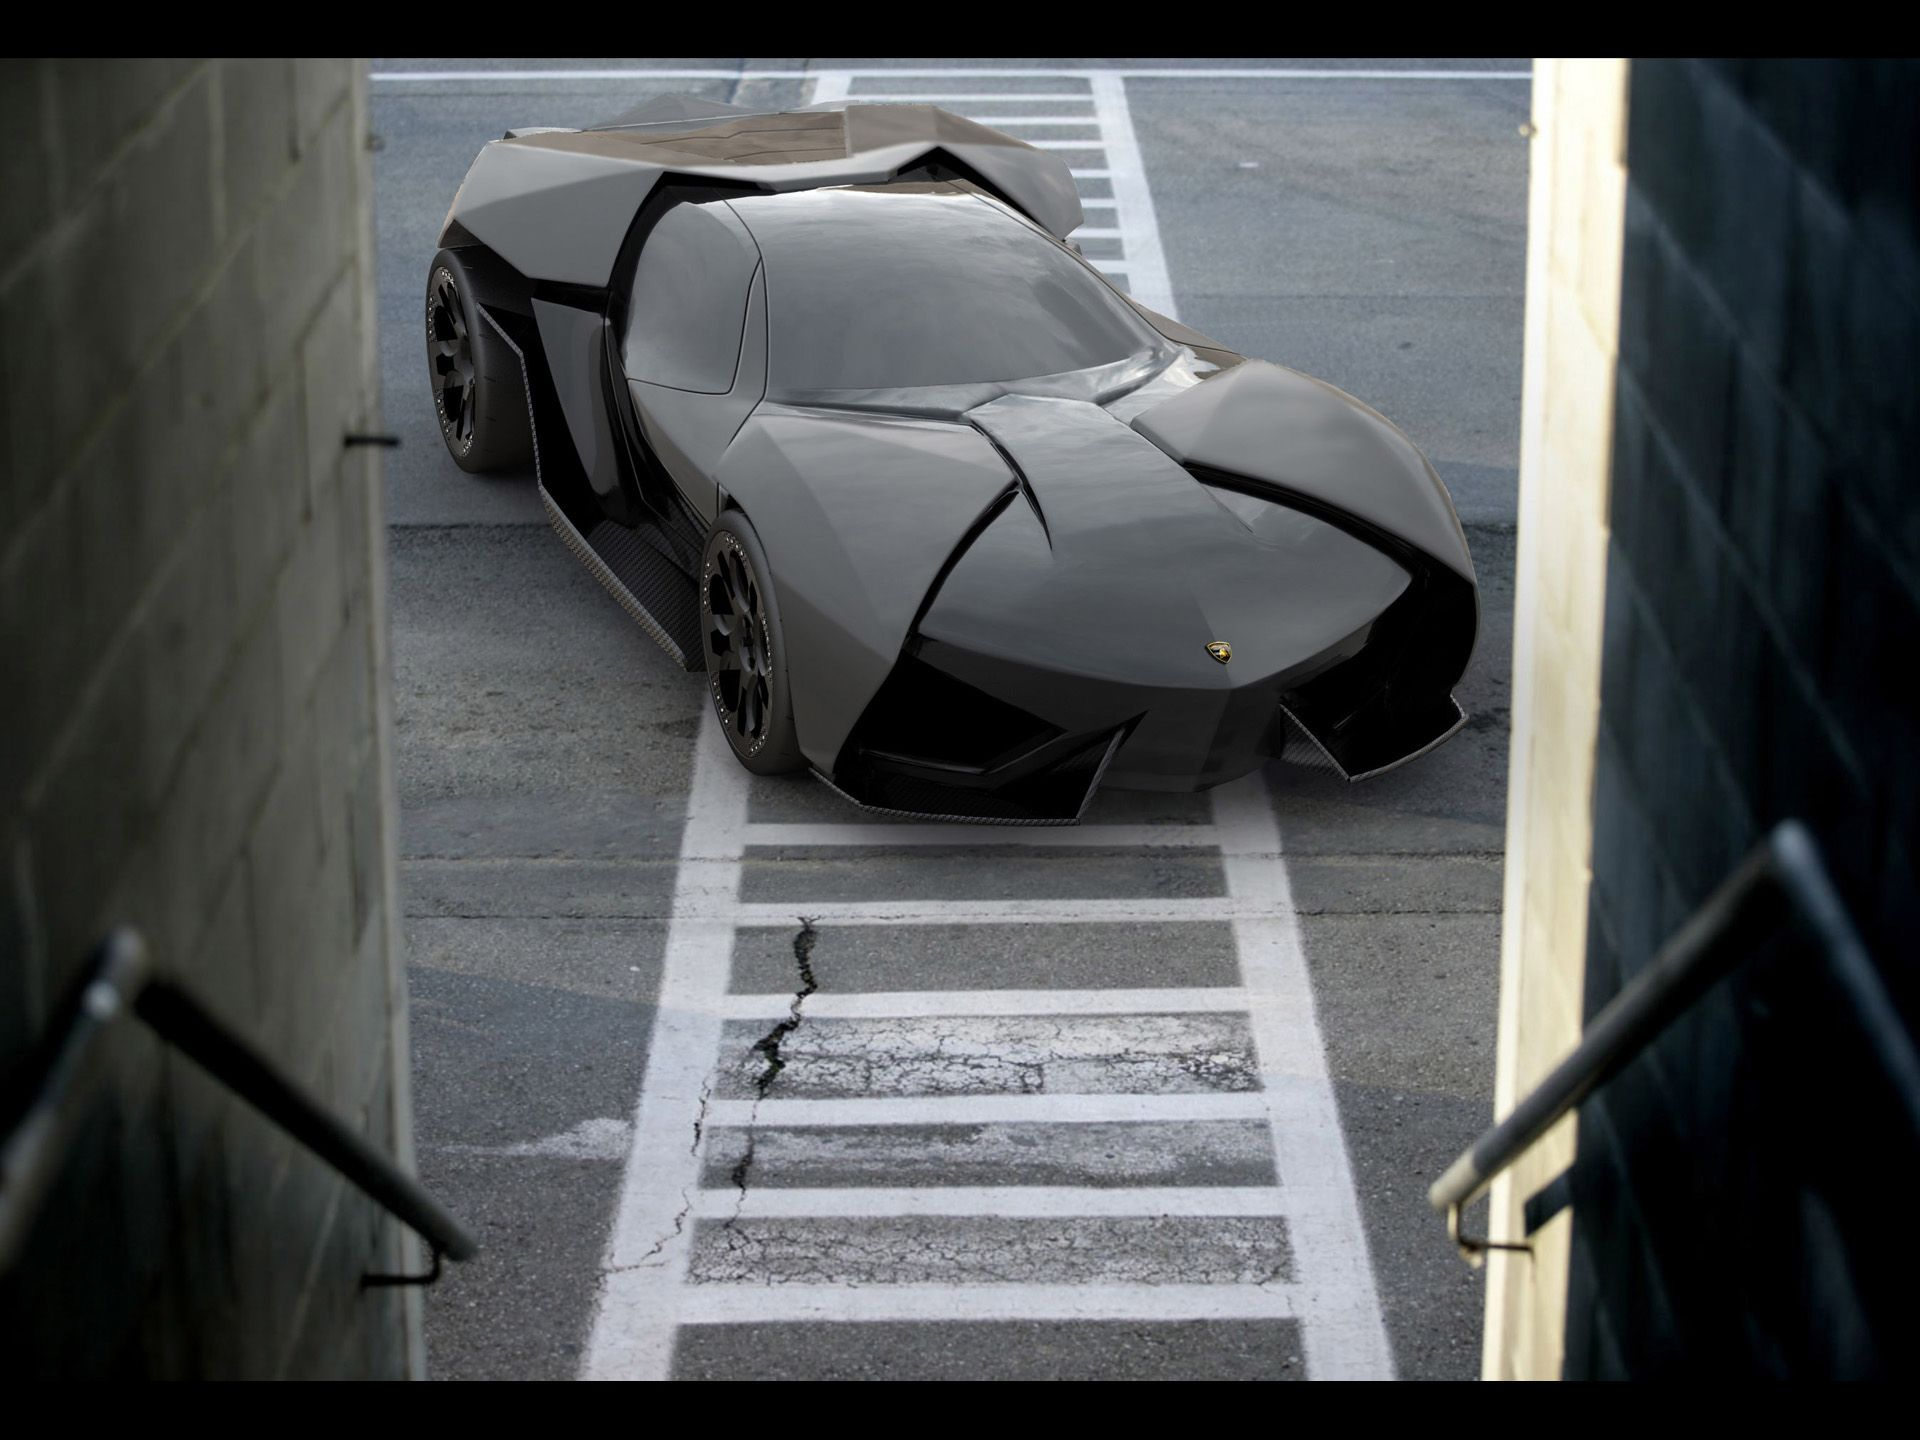 lamborghini-concept-car-2-the-dark-knight-rises-batmobile-batman